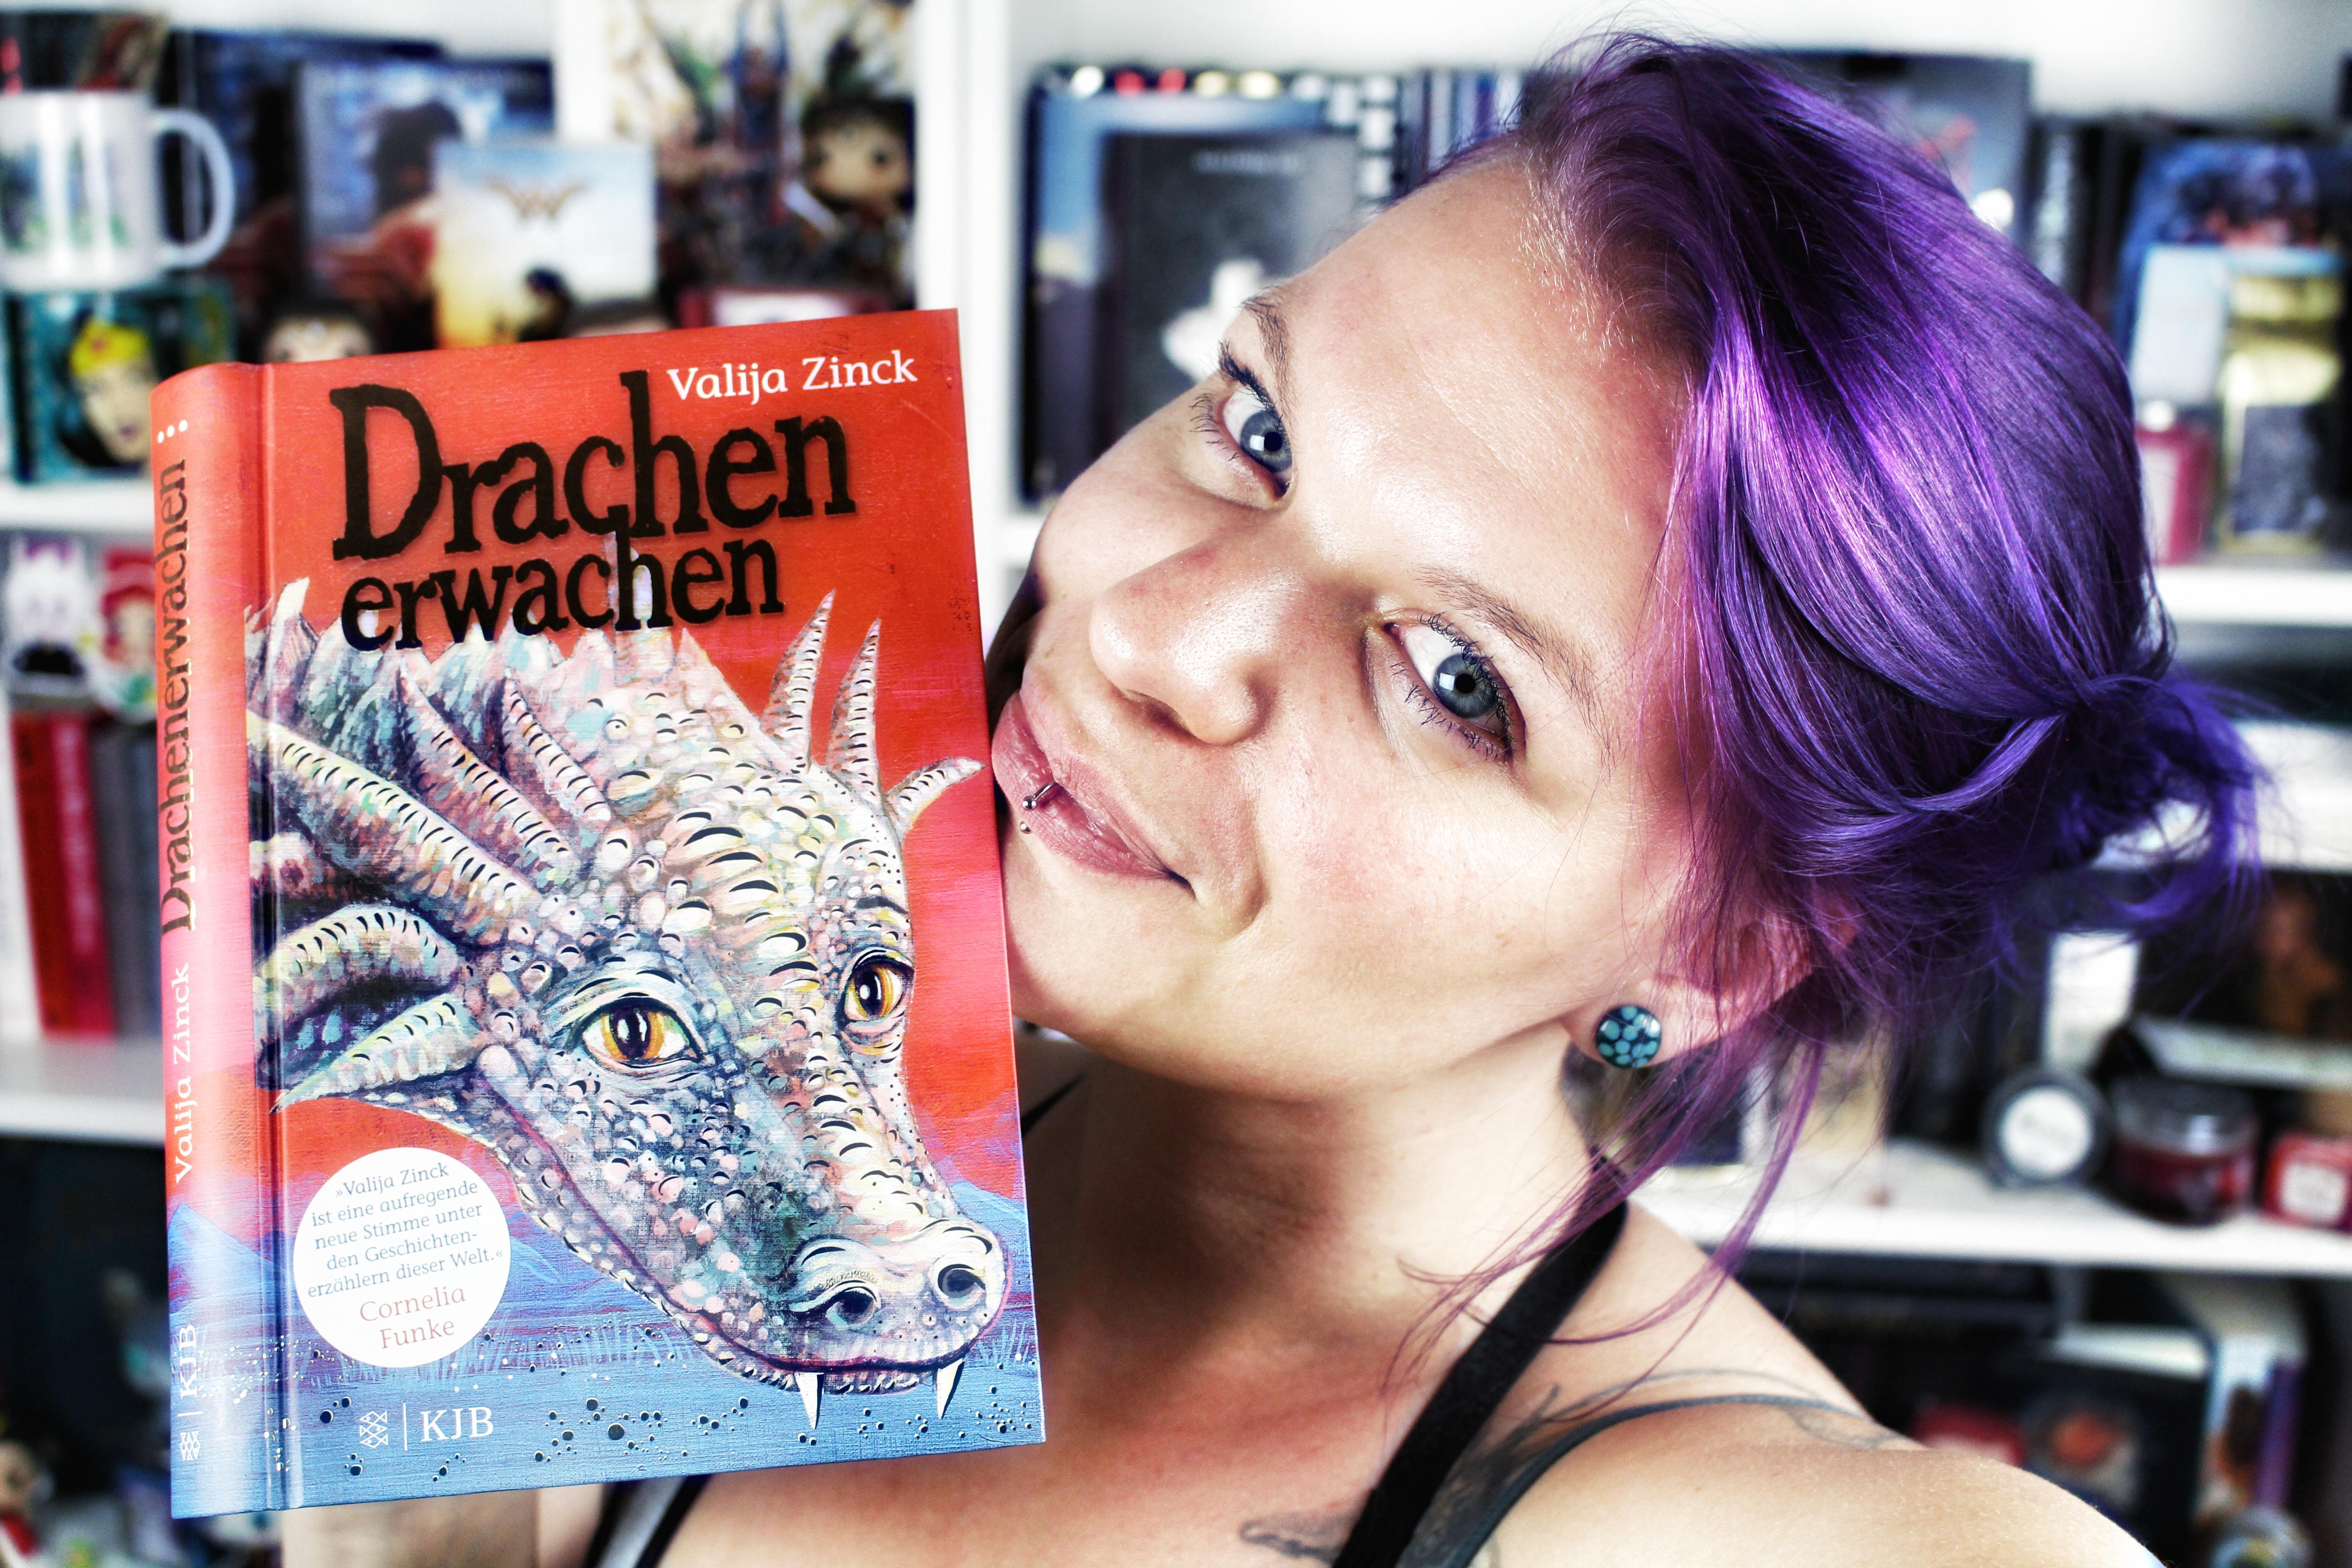 DIY Drachenei & Buchvorstellung: Drachenerwachen / Valija Zinck